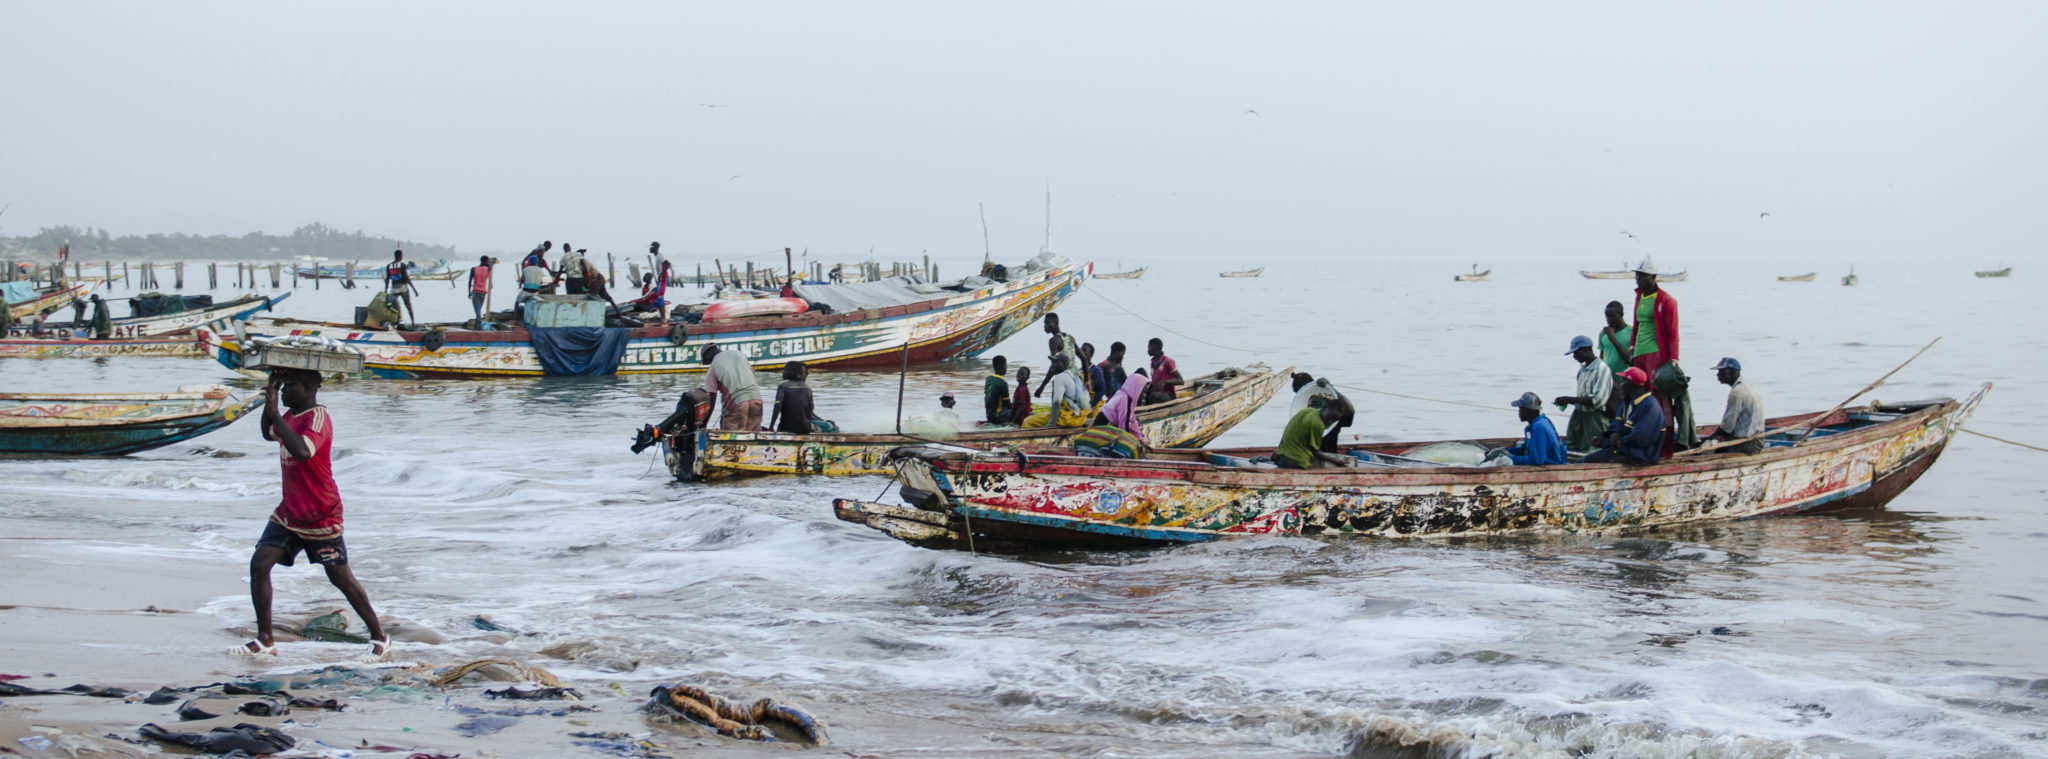 Fischmarkt-Mbour-bunte-Piroge-Senegal-Slider